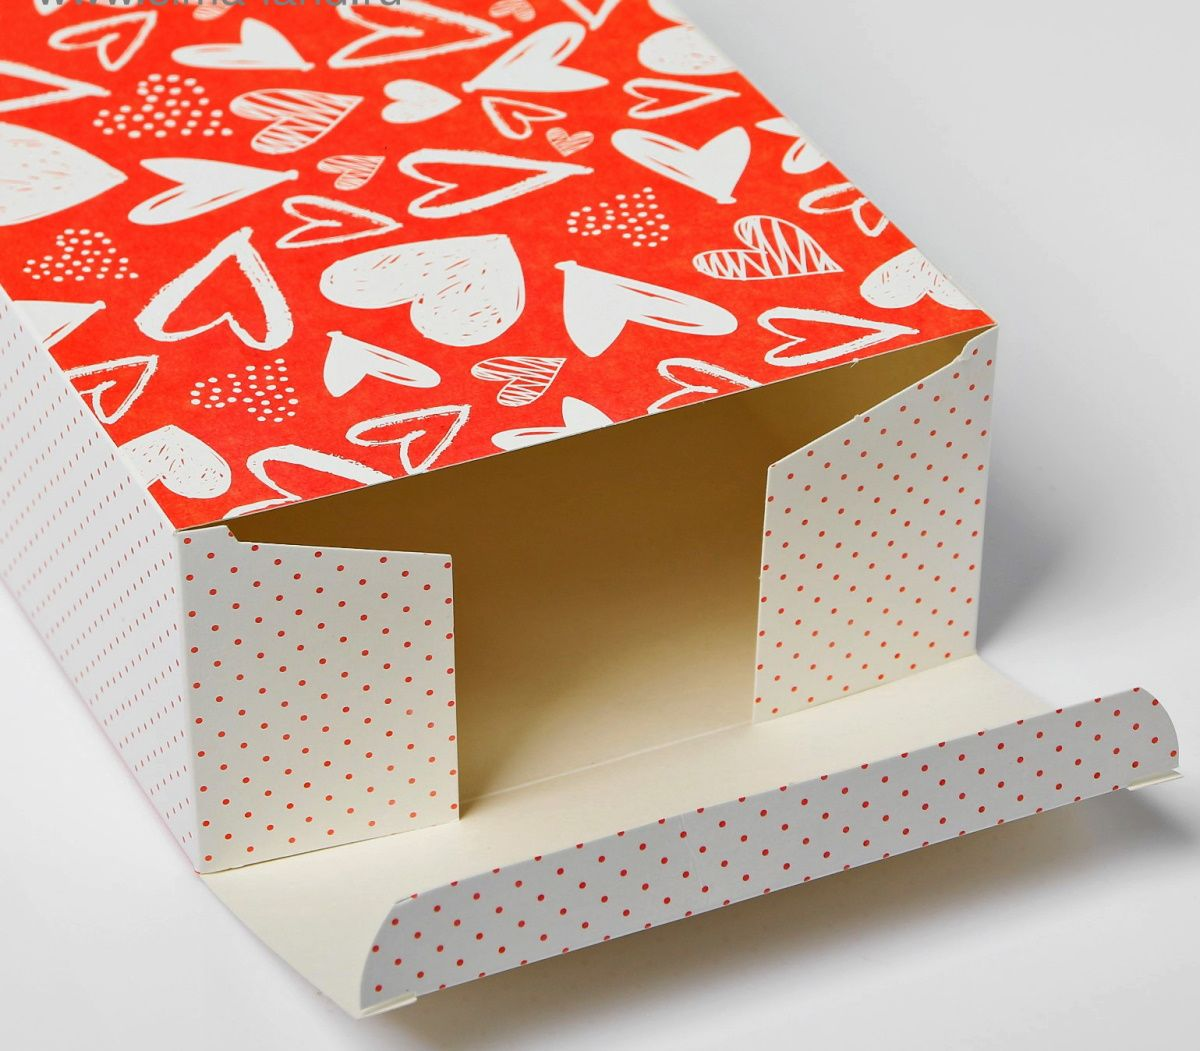 Складная картонная коробка  С любовью  - 16 х 23 см.